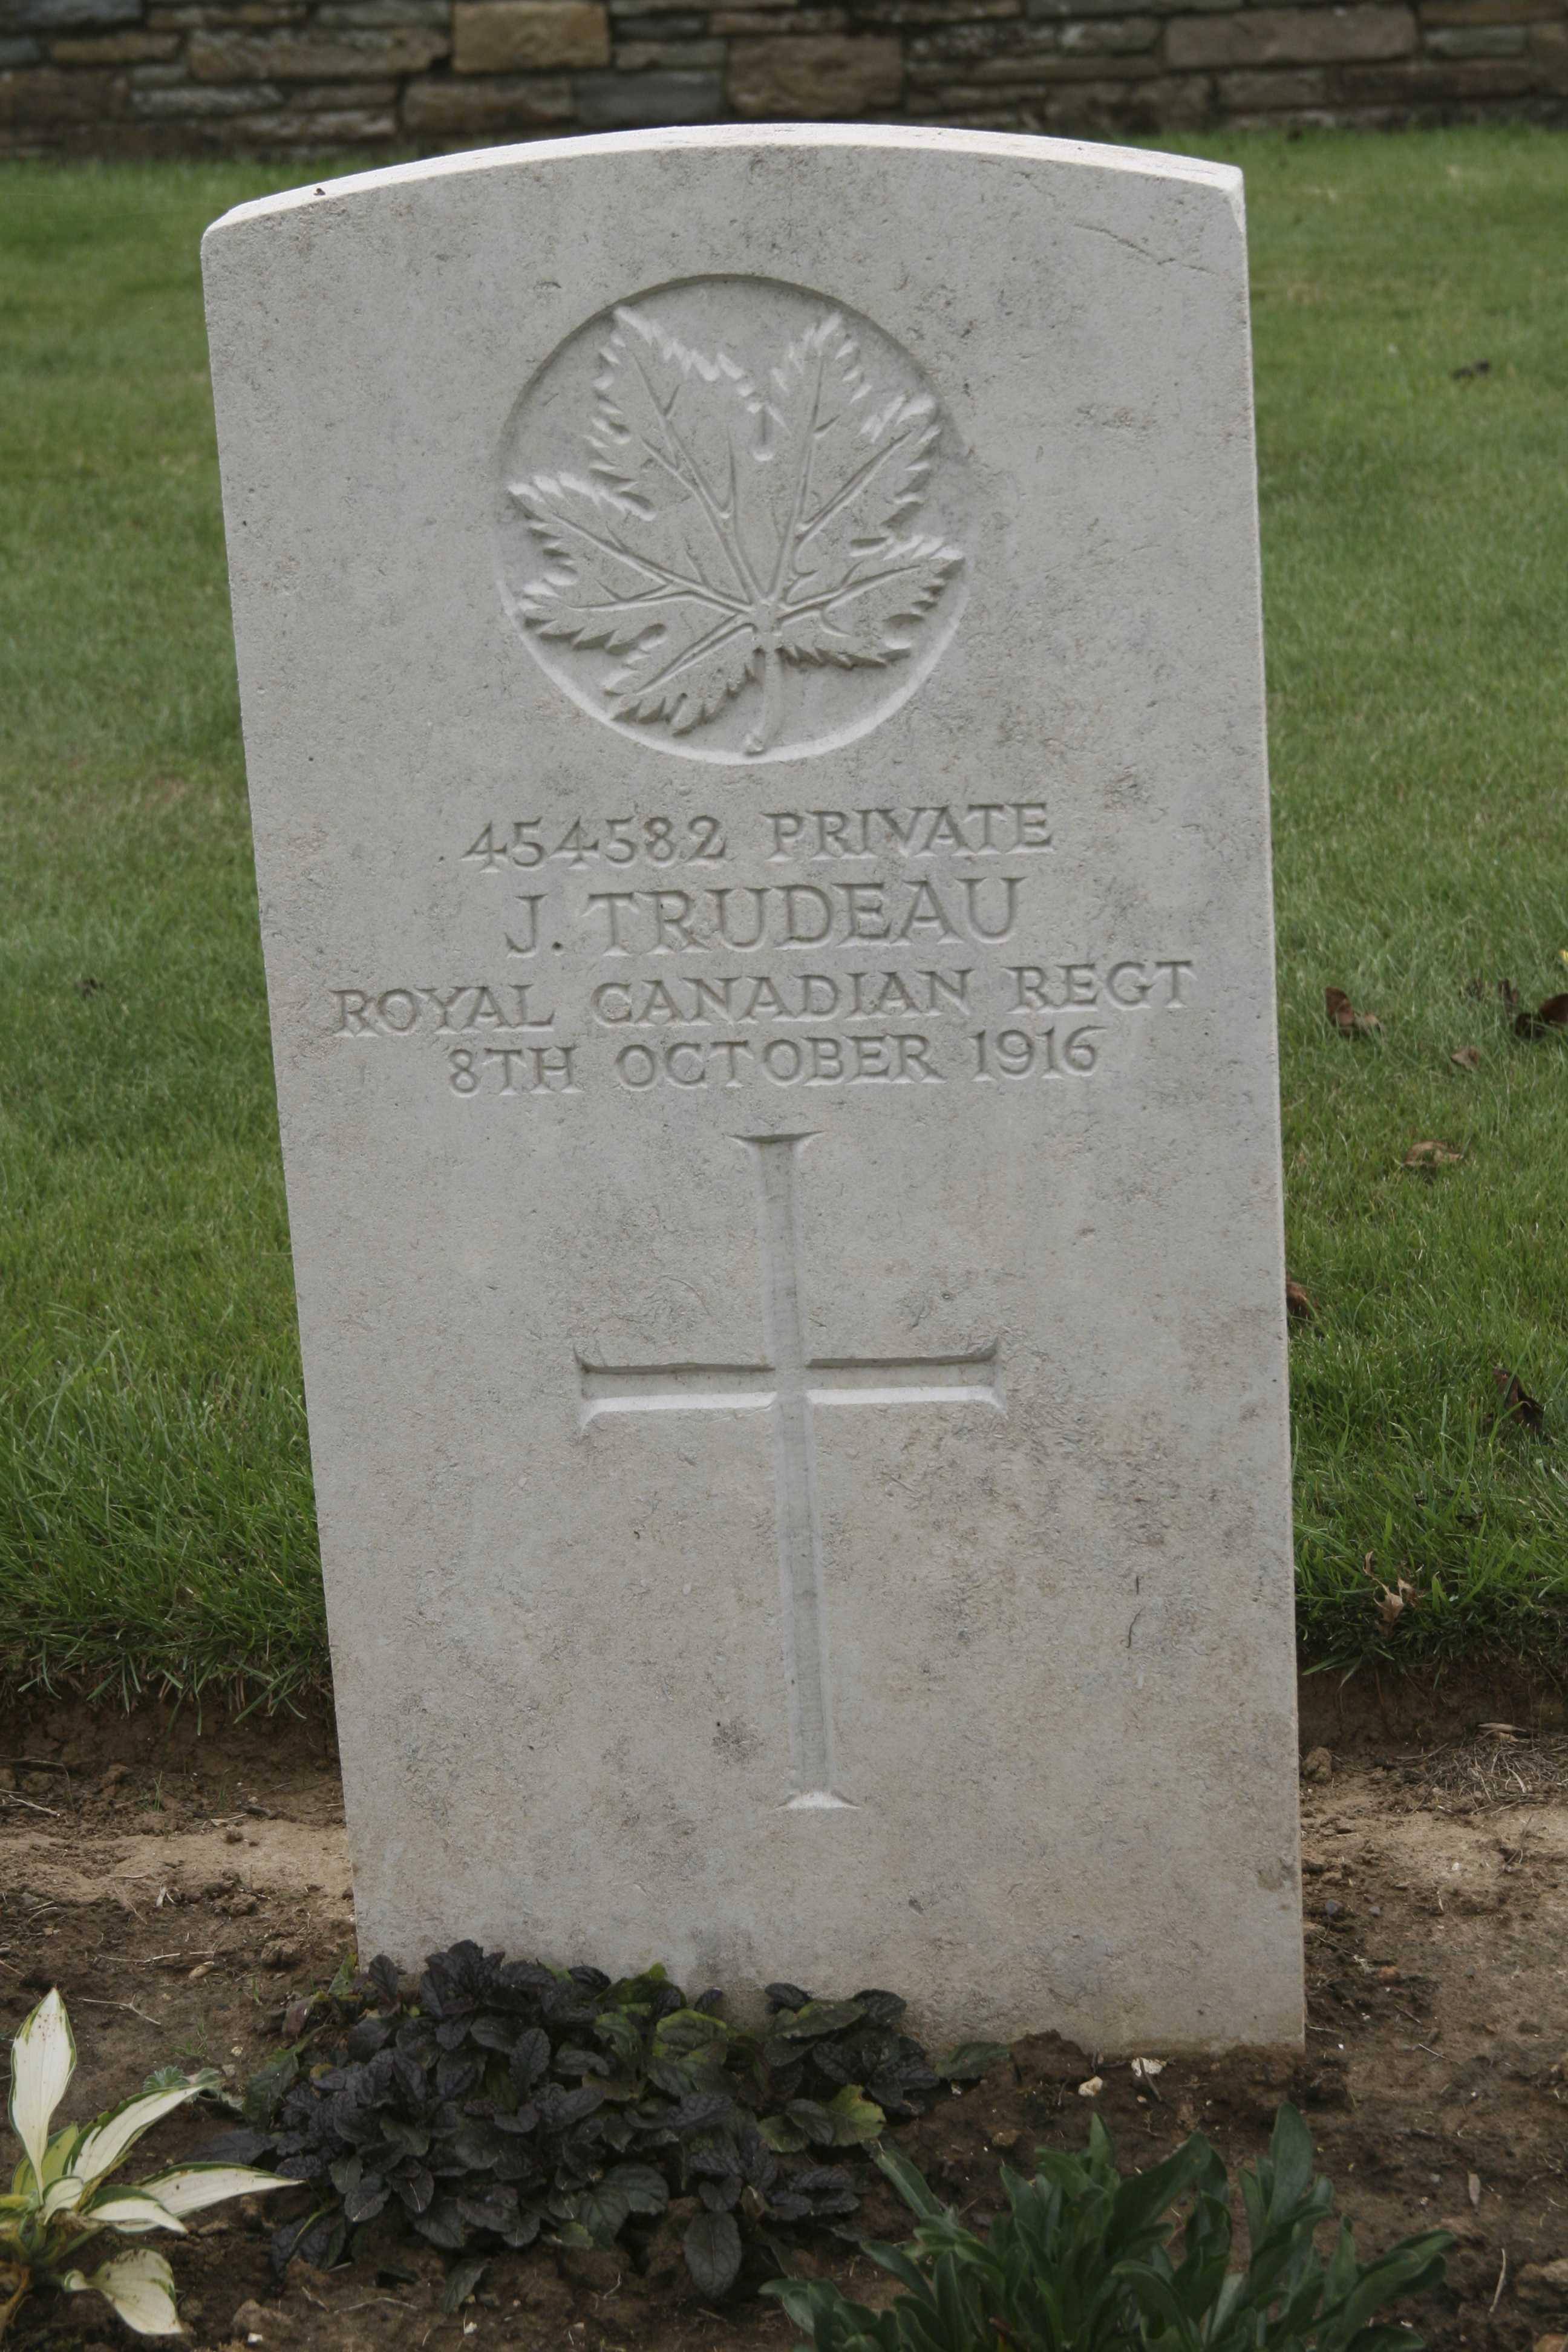 Grave Marker– Picture of Joseph Trudeau's grave at ADANAC Military Cemetery